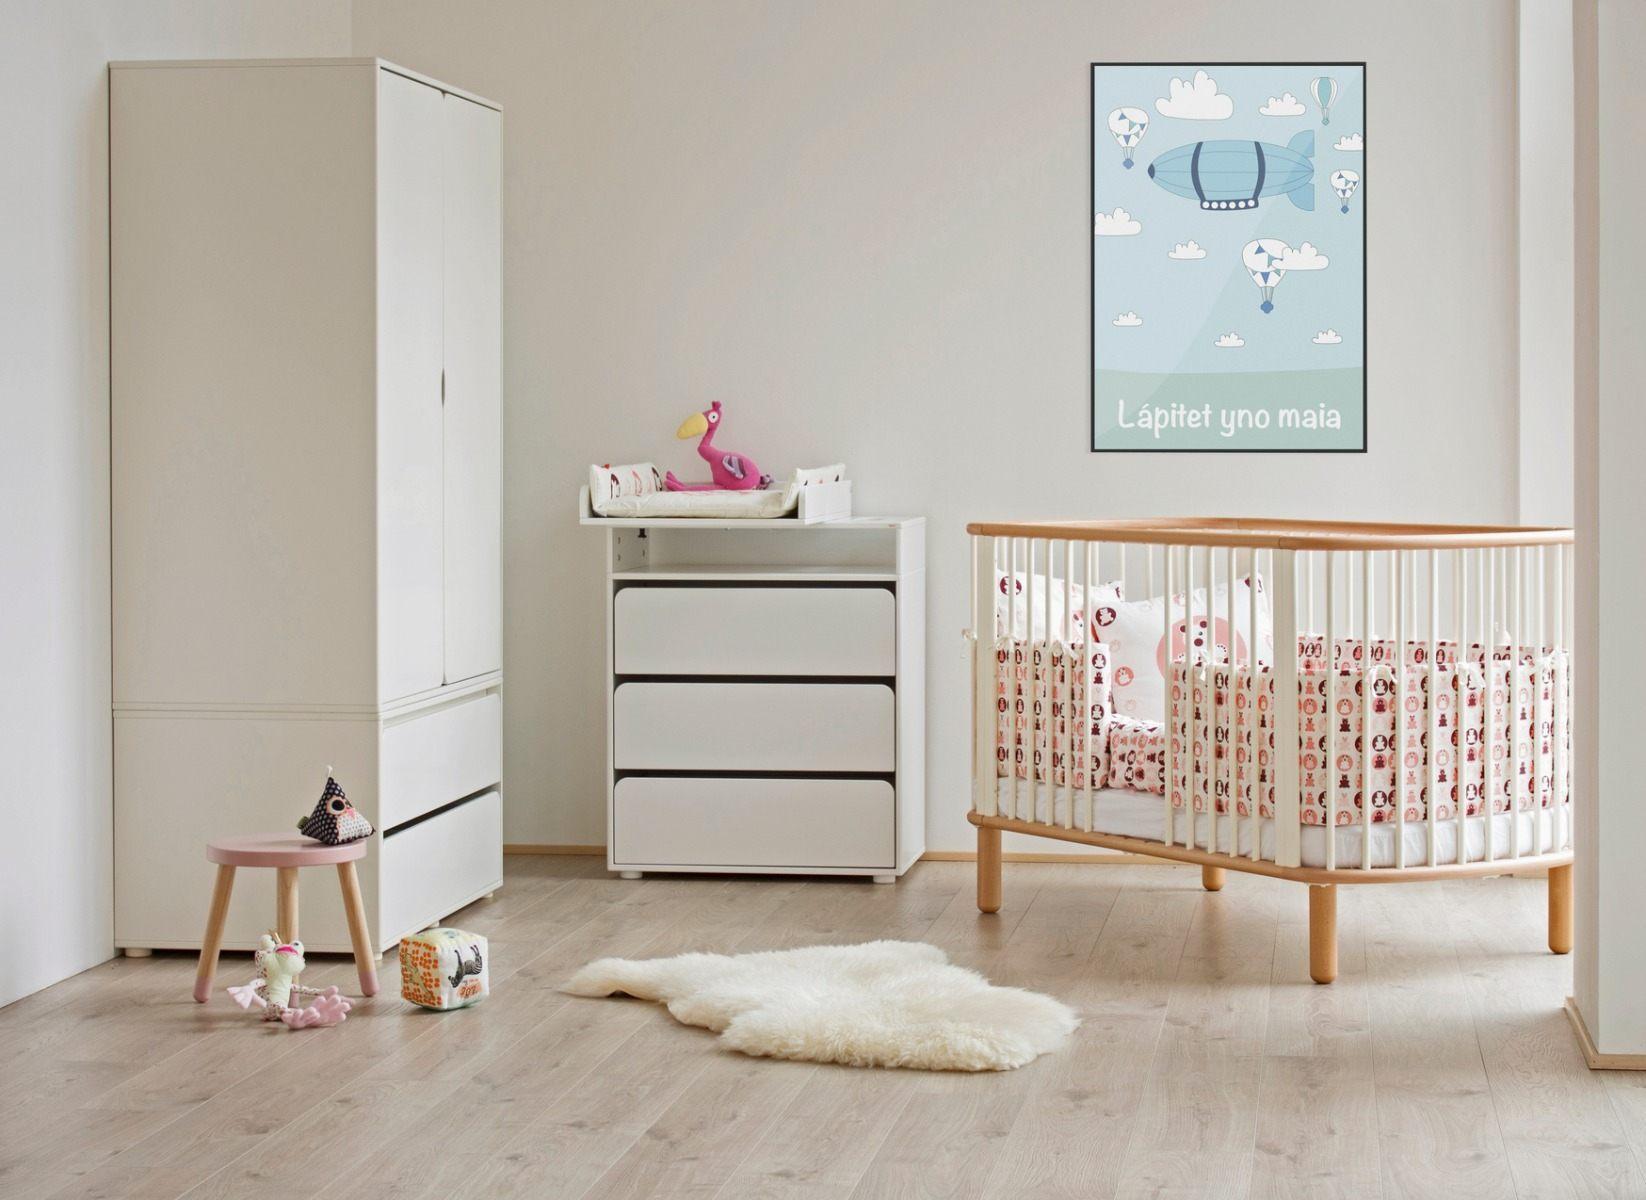 Lit Bébé Portable Joli Bébé Punaise De Lit Chambre Bébé Fille Inspirant Parc B C3 A9b C3 A9